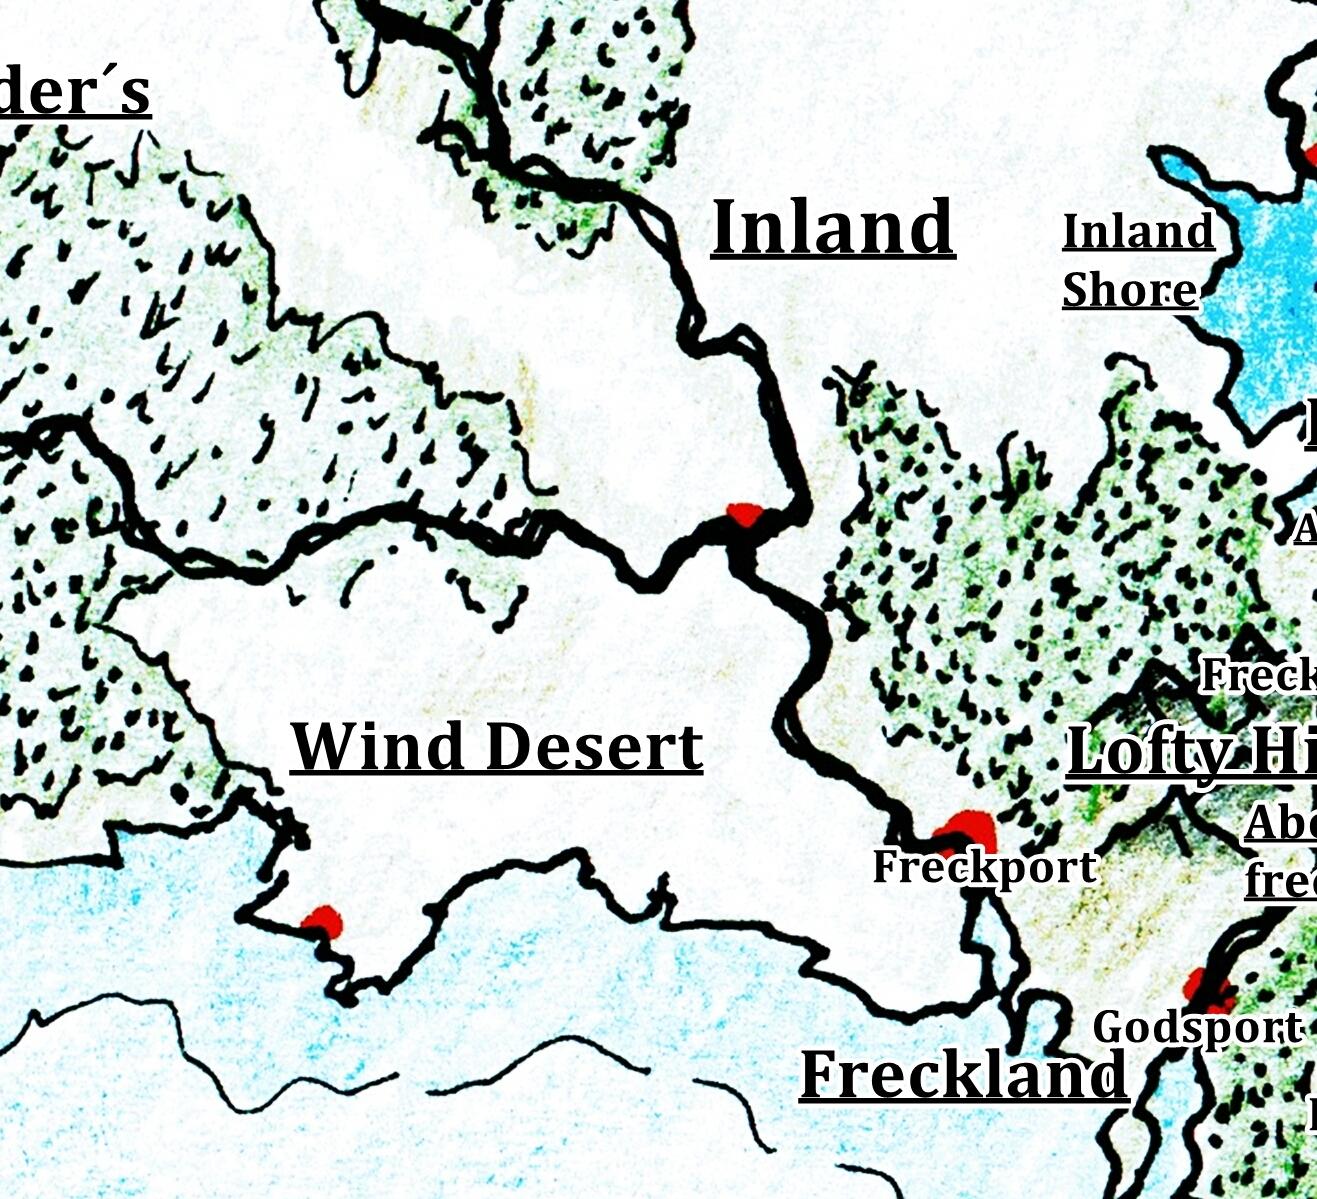 Wind Deserts